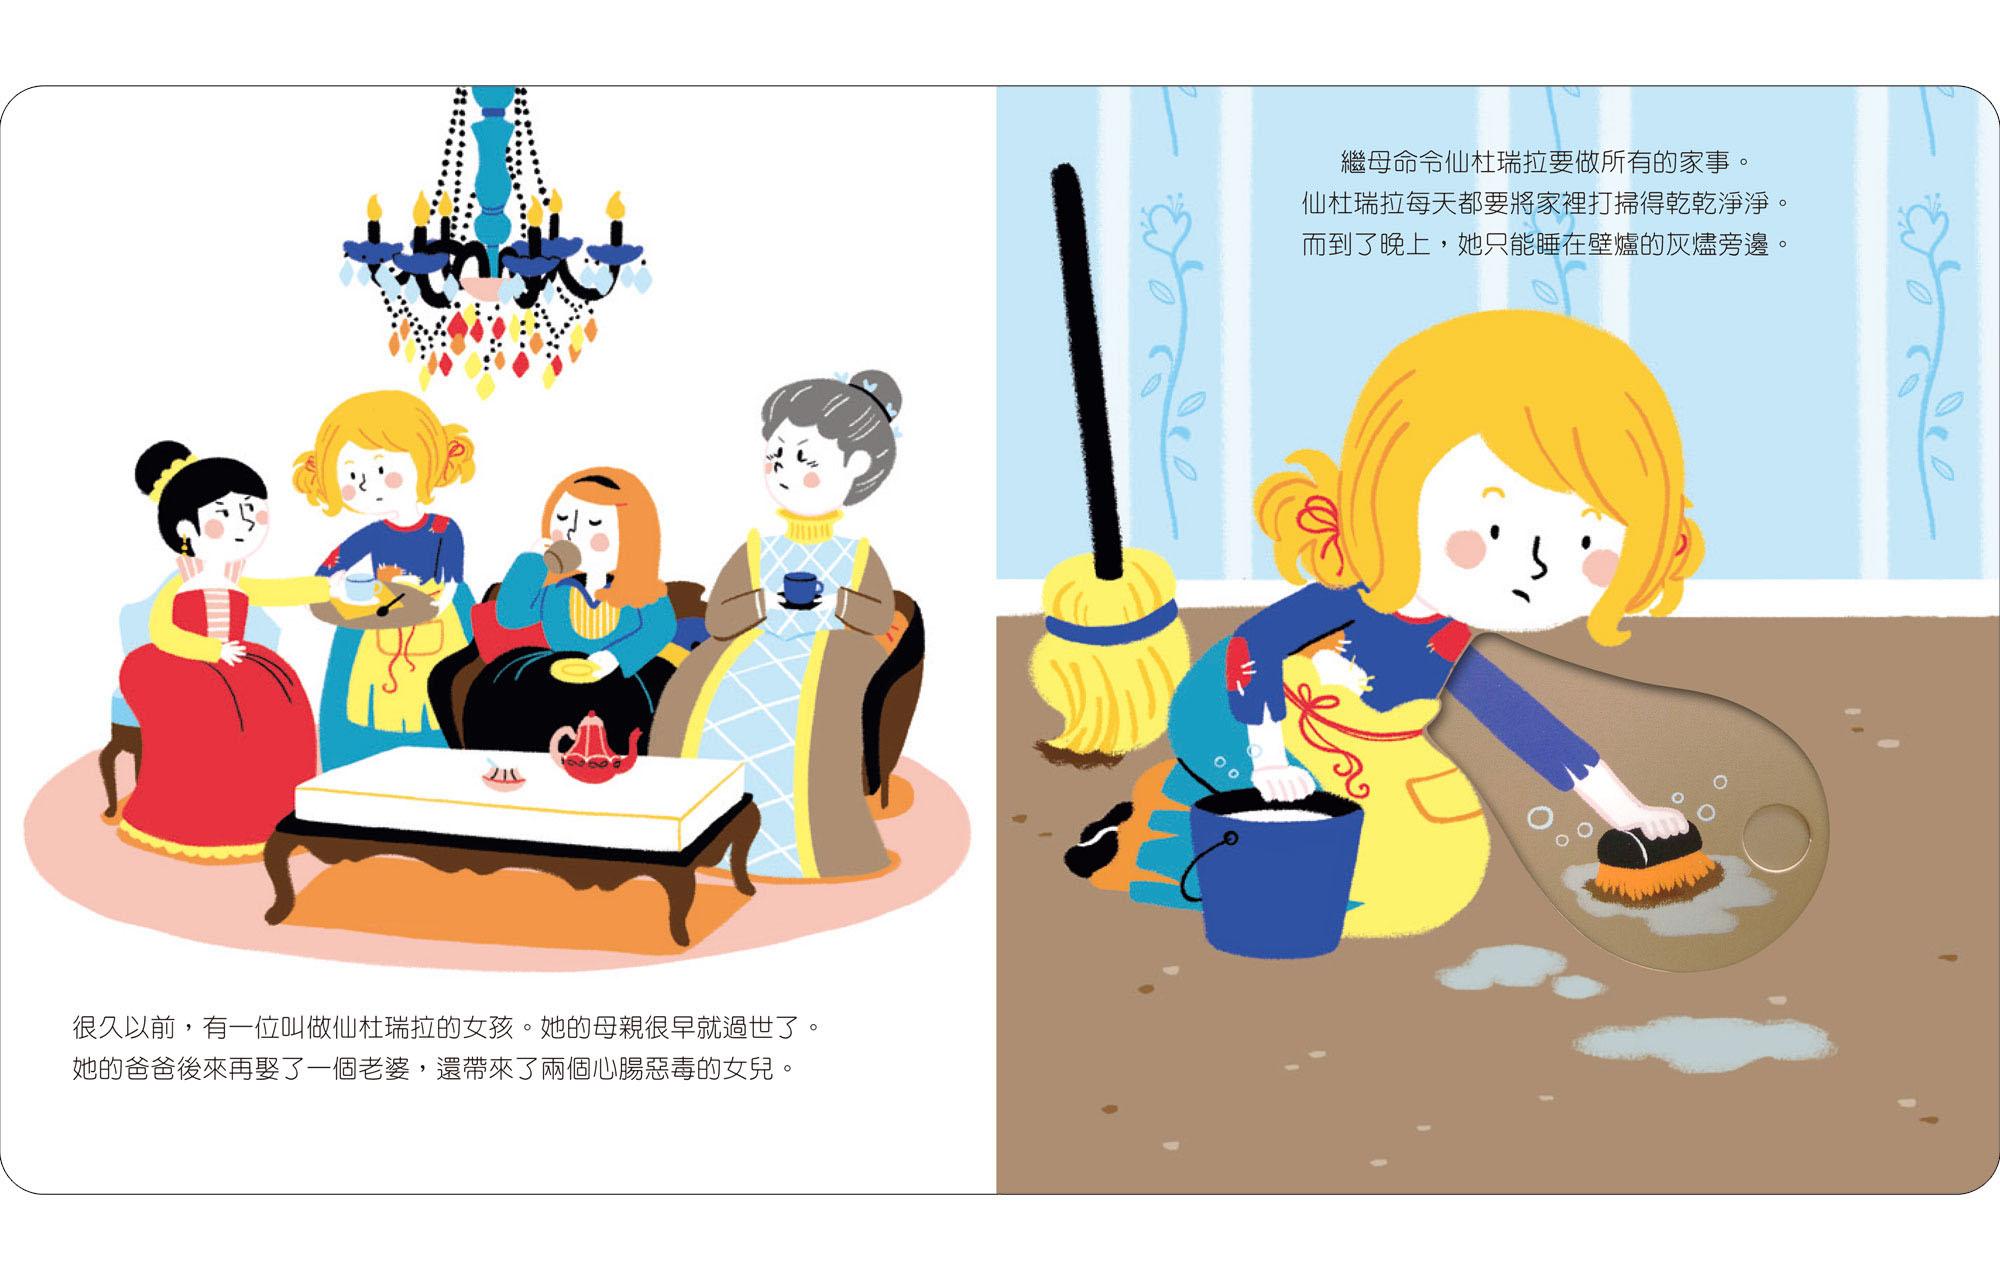 動手玩童話:灰姑娘